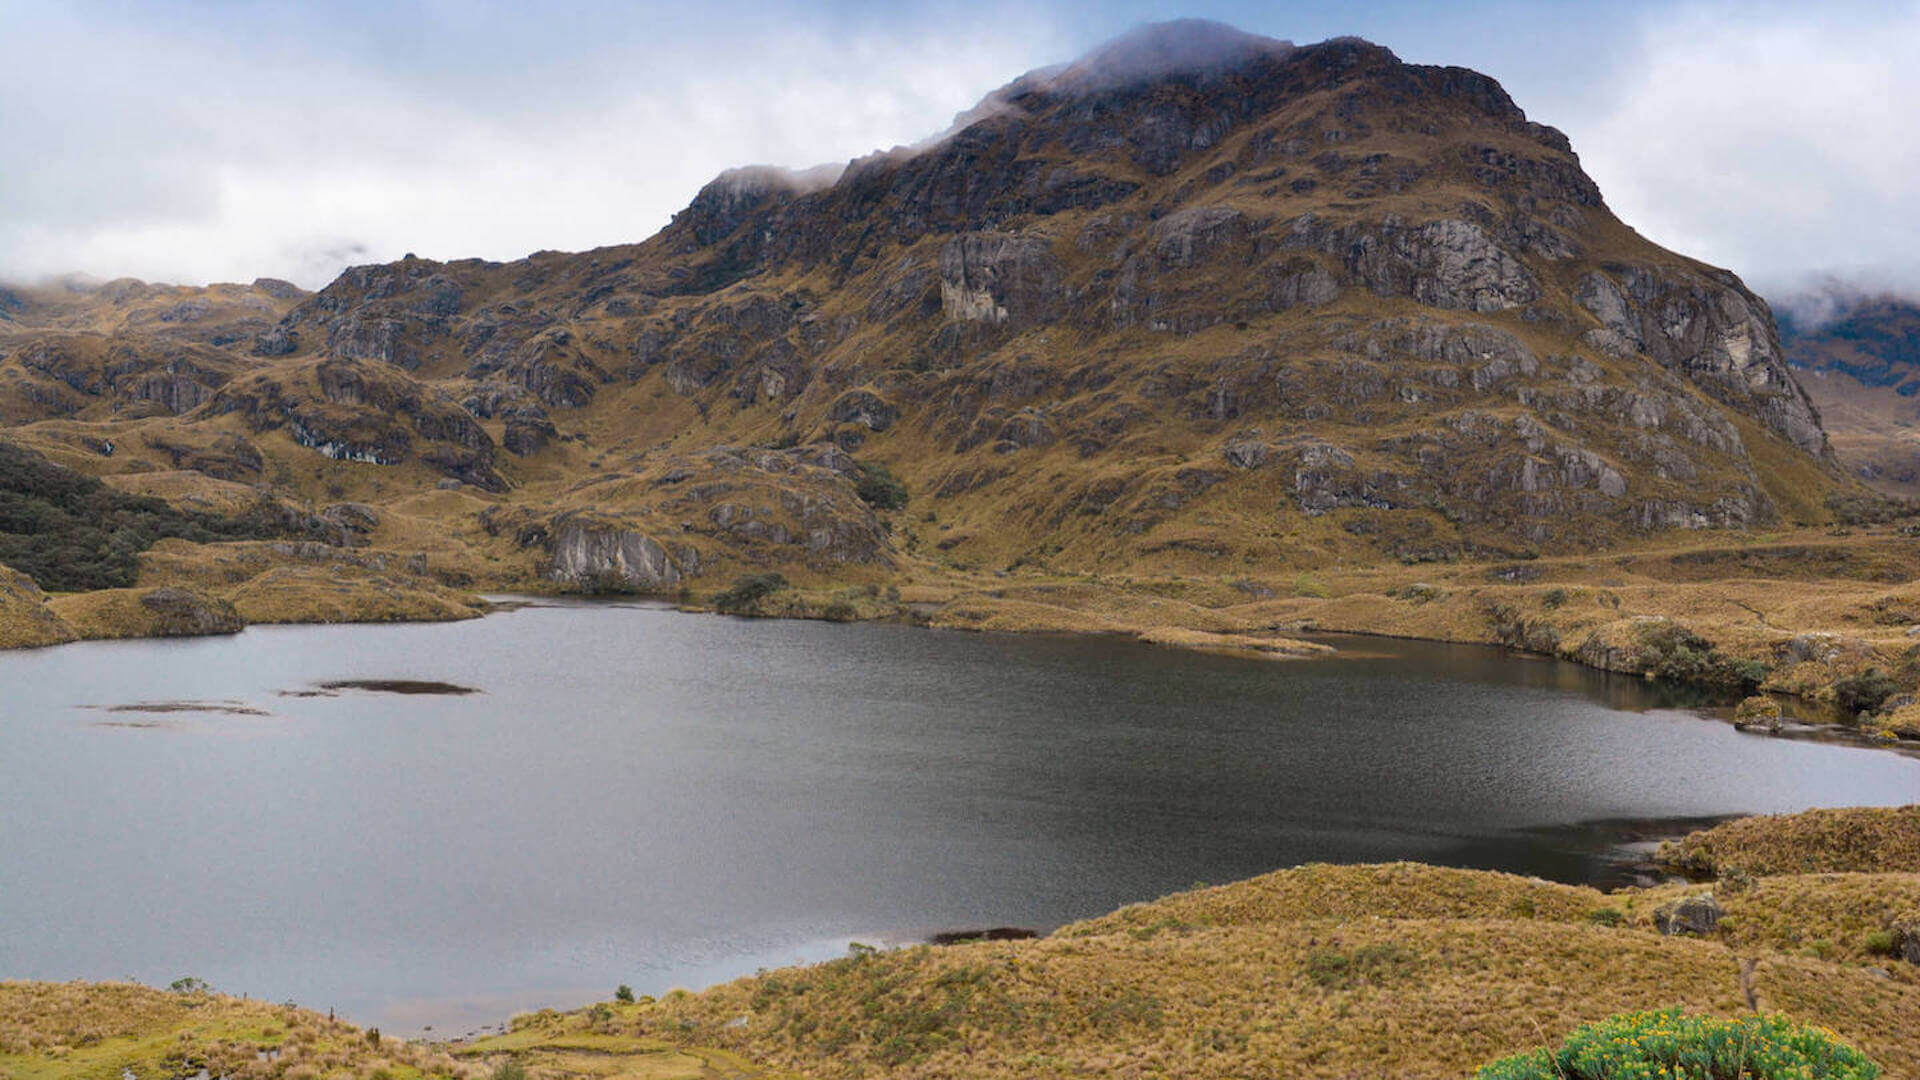 Berg, wolken en meer in Cajas National Park vlakbij Cuenca in Ecuador